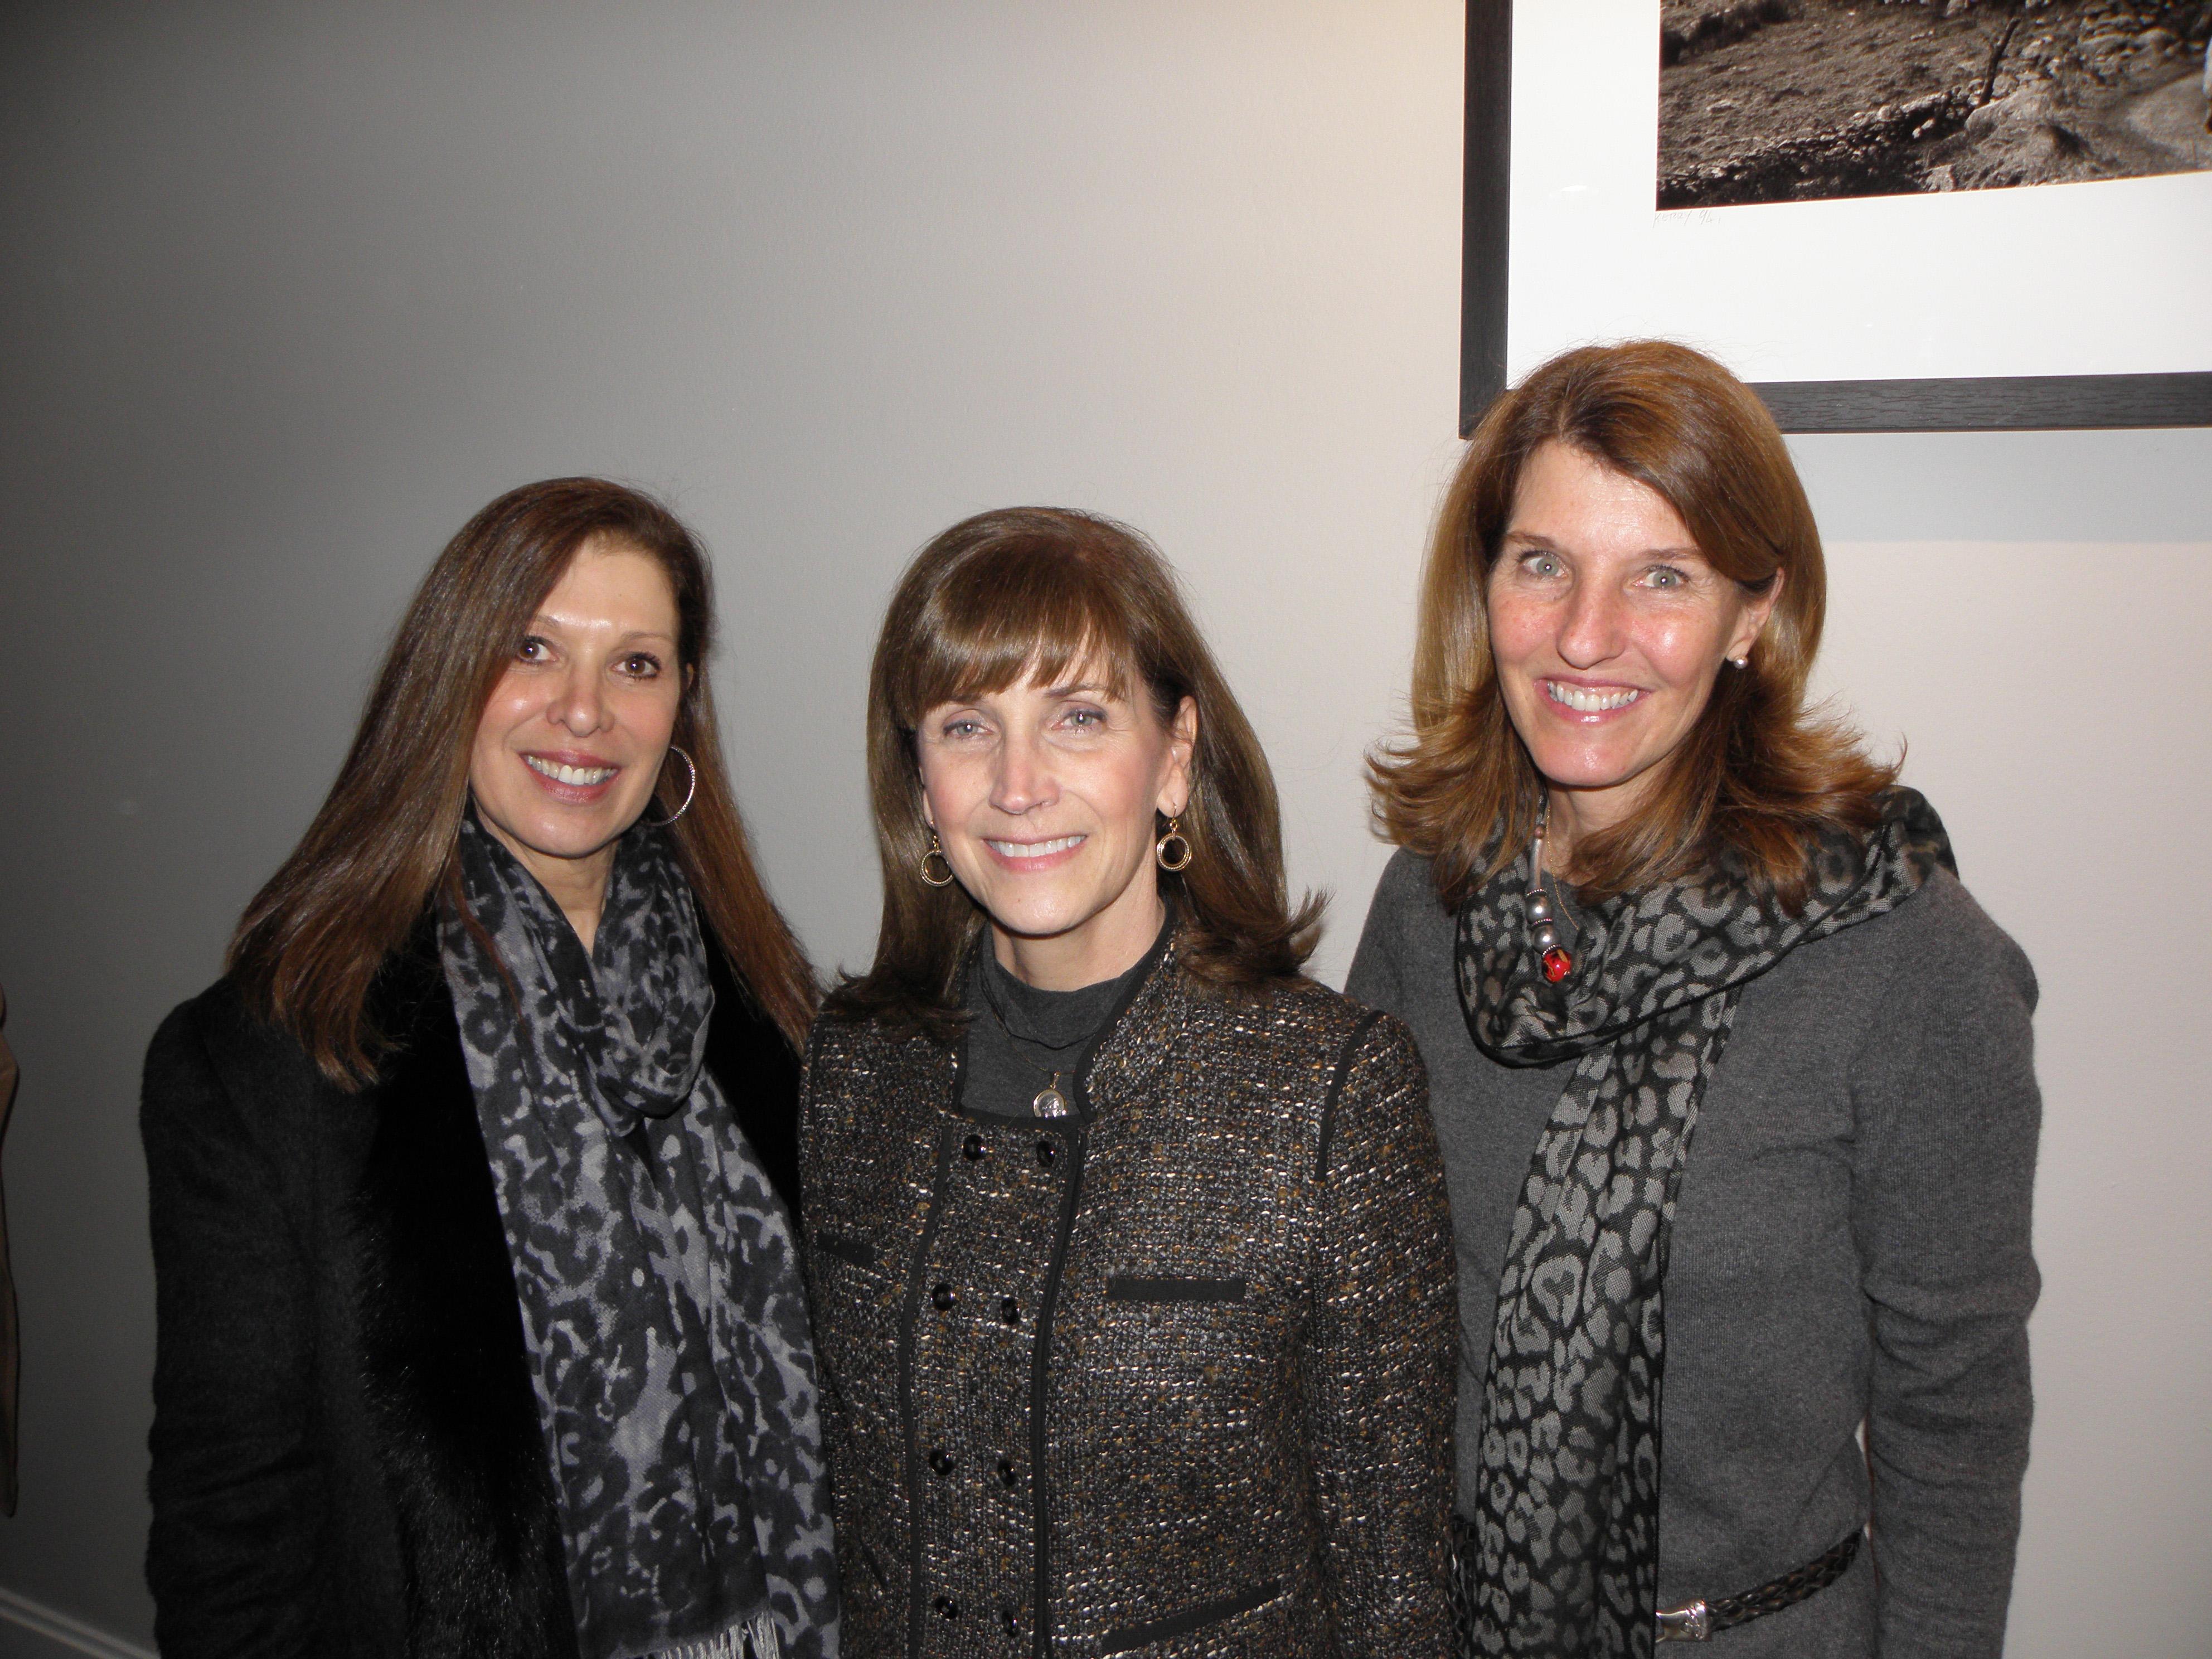 Denise-Borkowski-Carol-Fessler-Ann-Smith.jpg